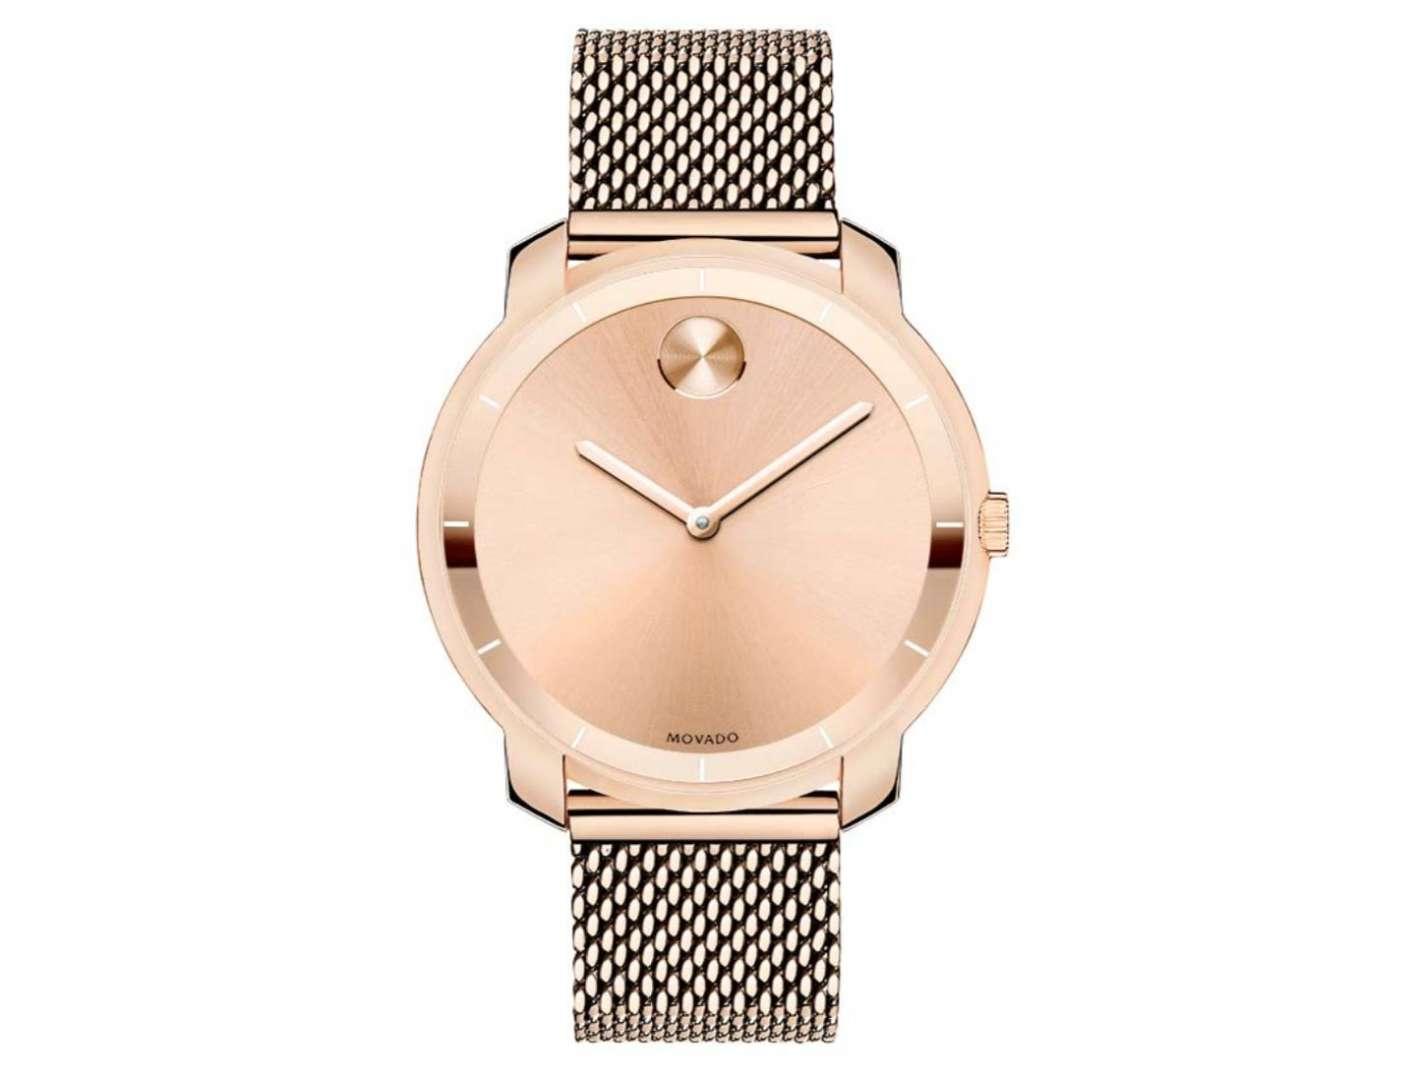 שעון יד אנלוגי 3600243 Movado מובאדו